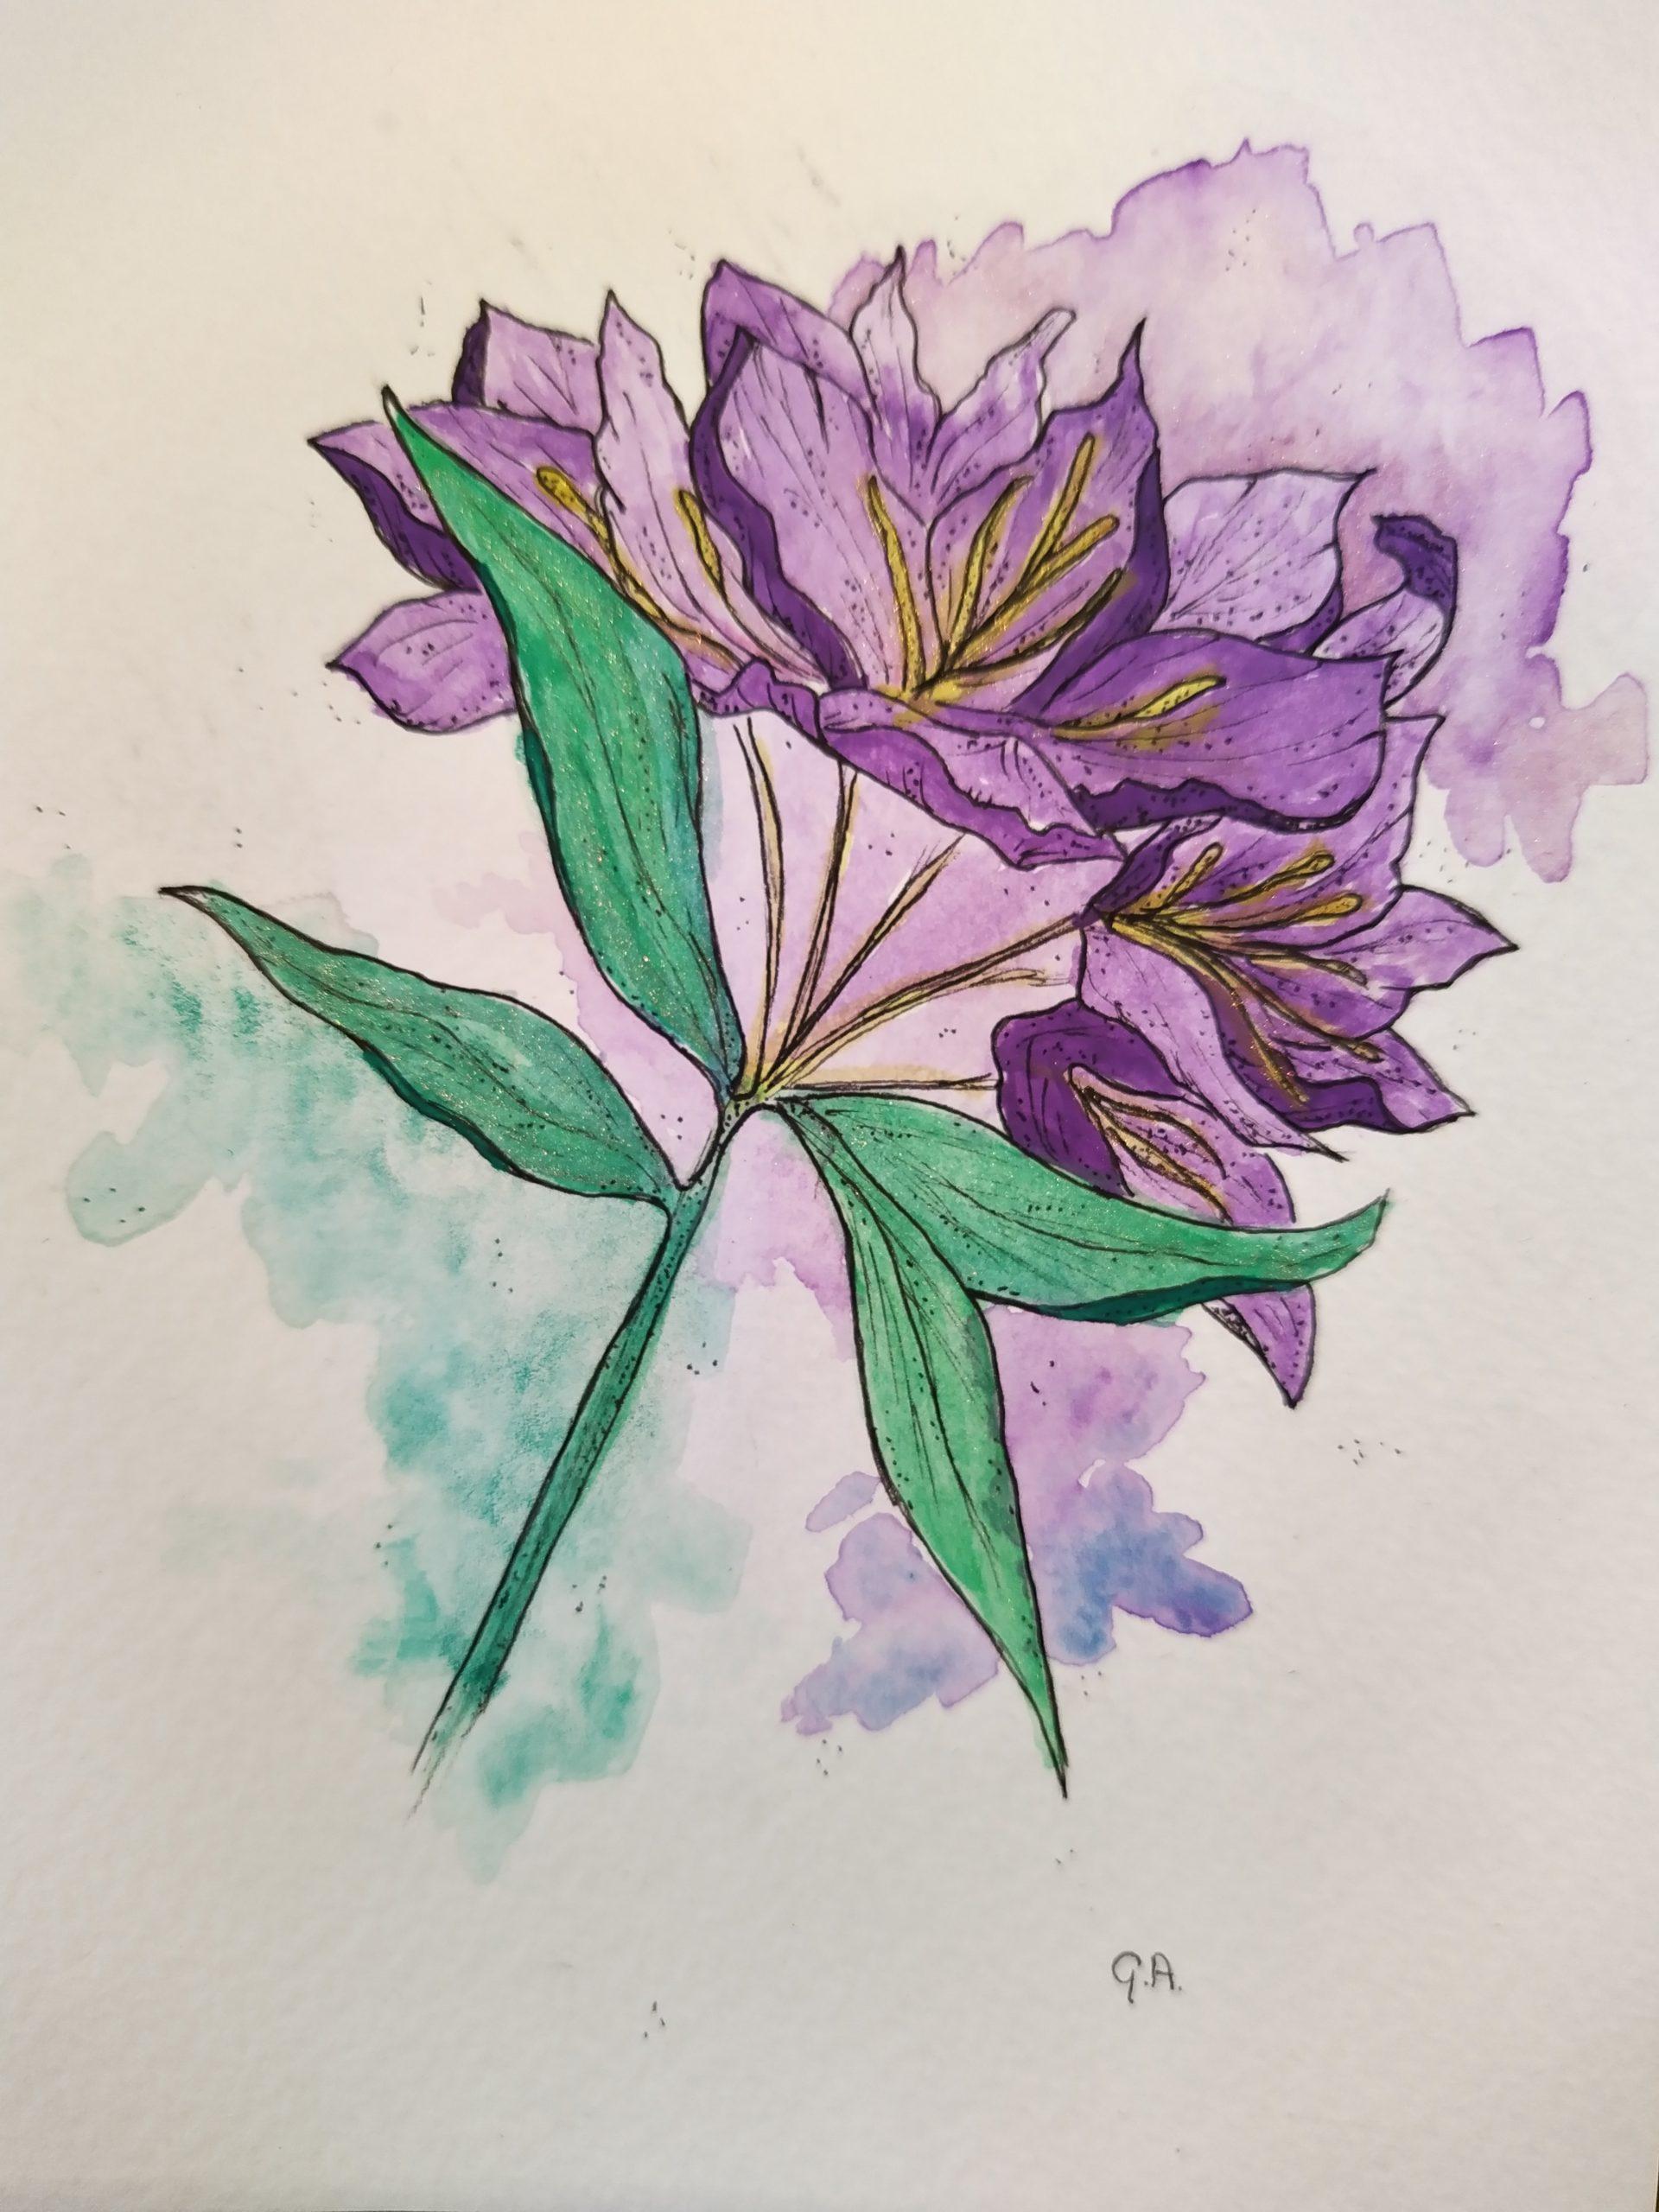 Waterverf schildering van de Rhododendron ponticum